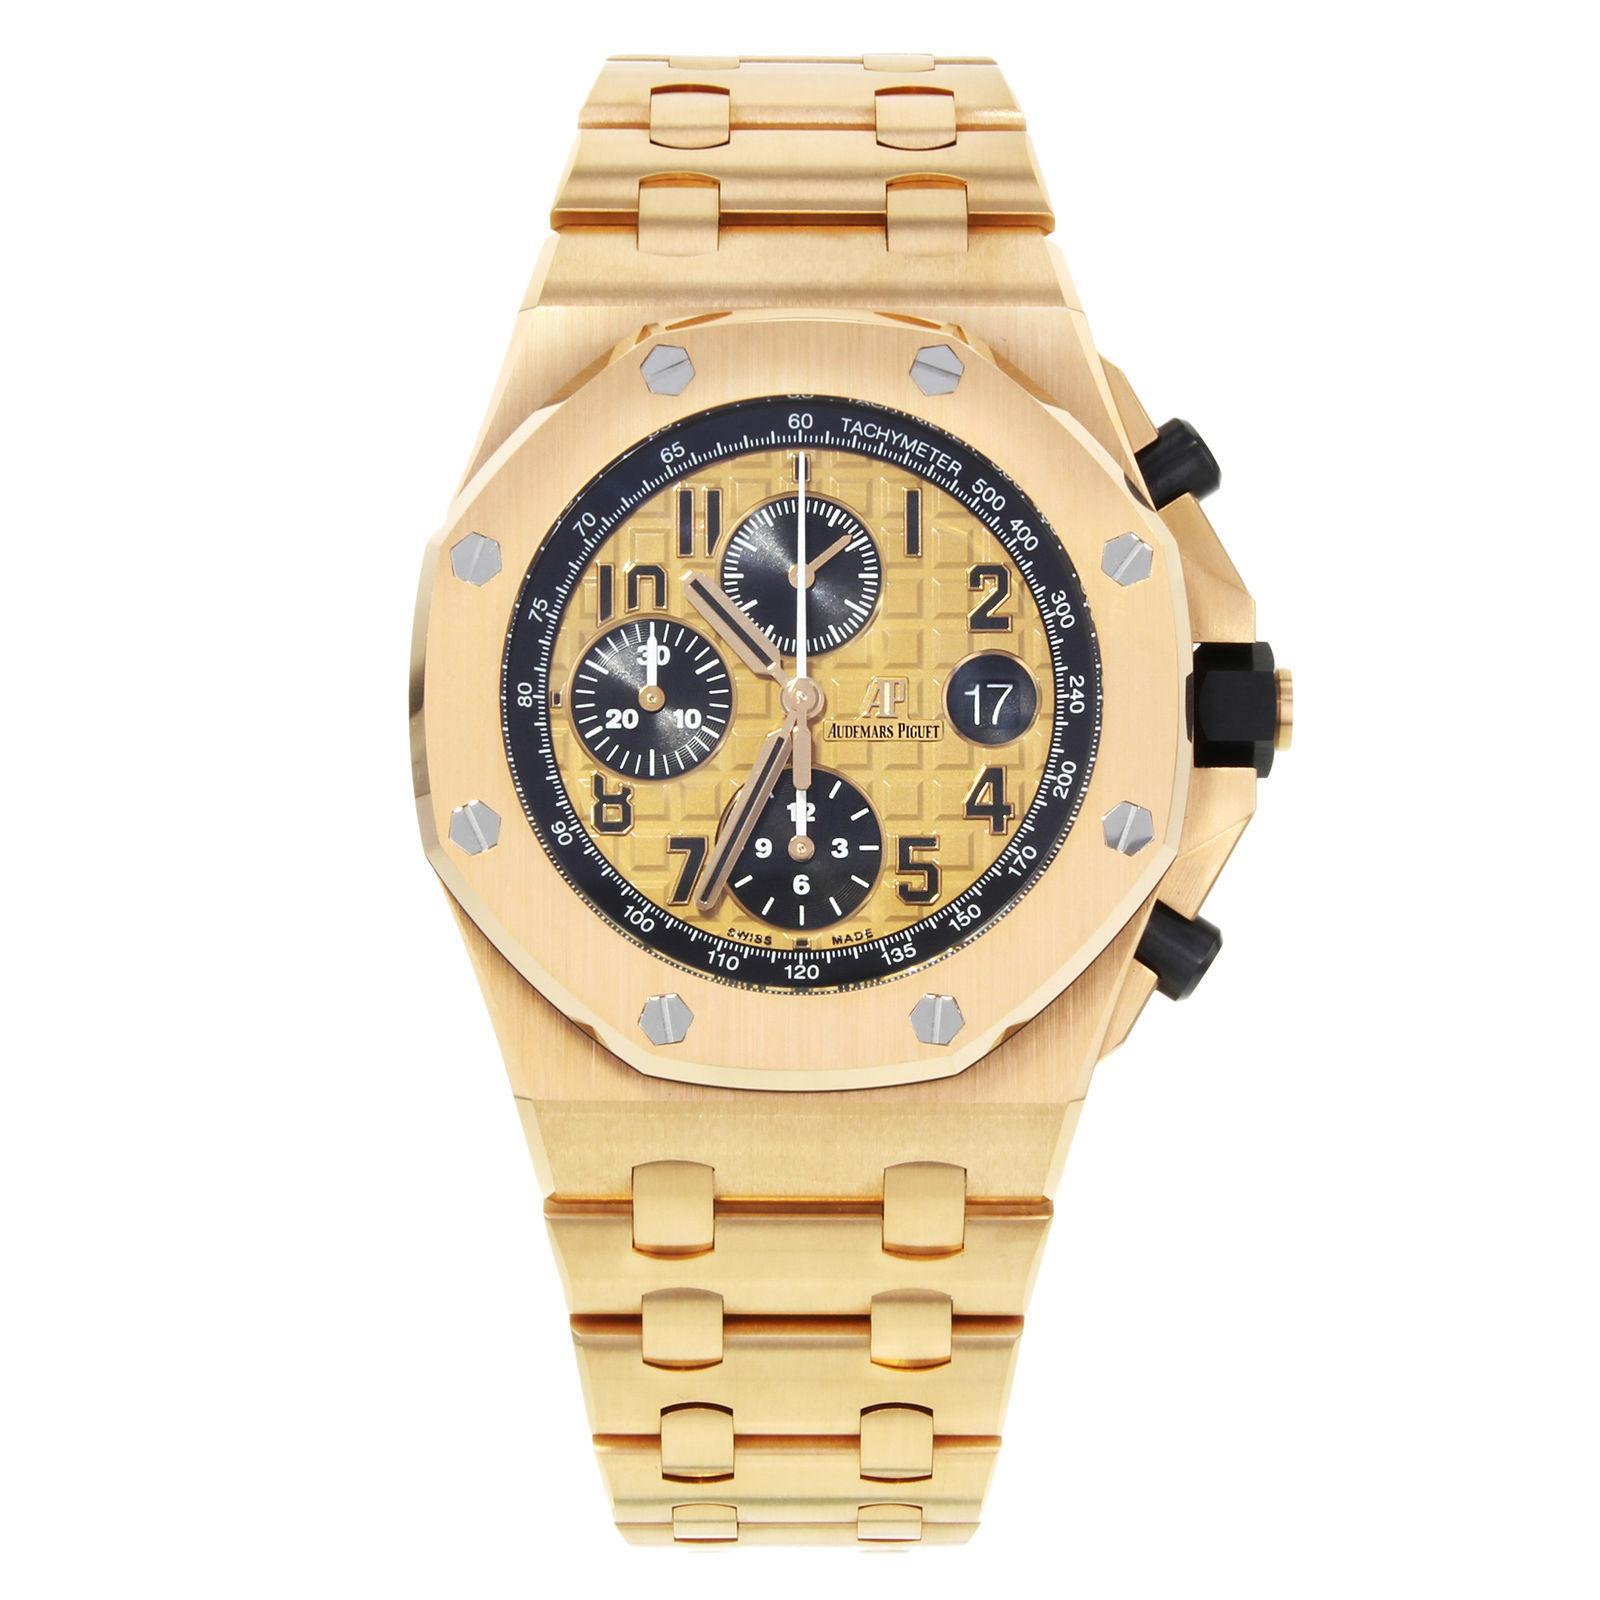 Audemars Piguet Royal Oak Offshore 26470OR.OO.1000OR.01 18 Karat Rose Gold Watch